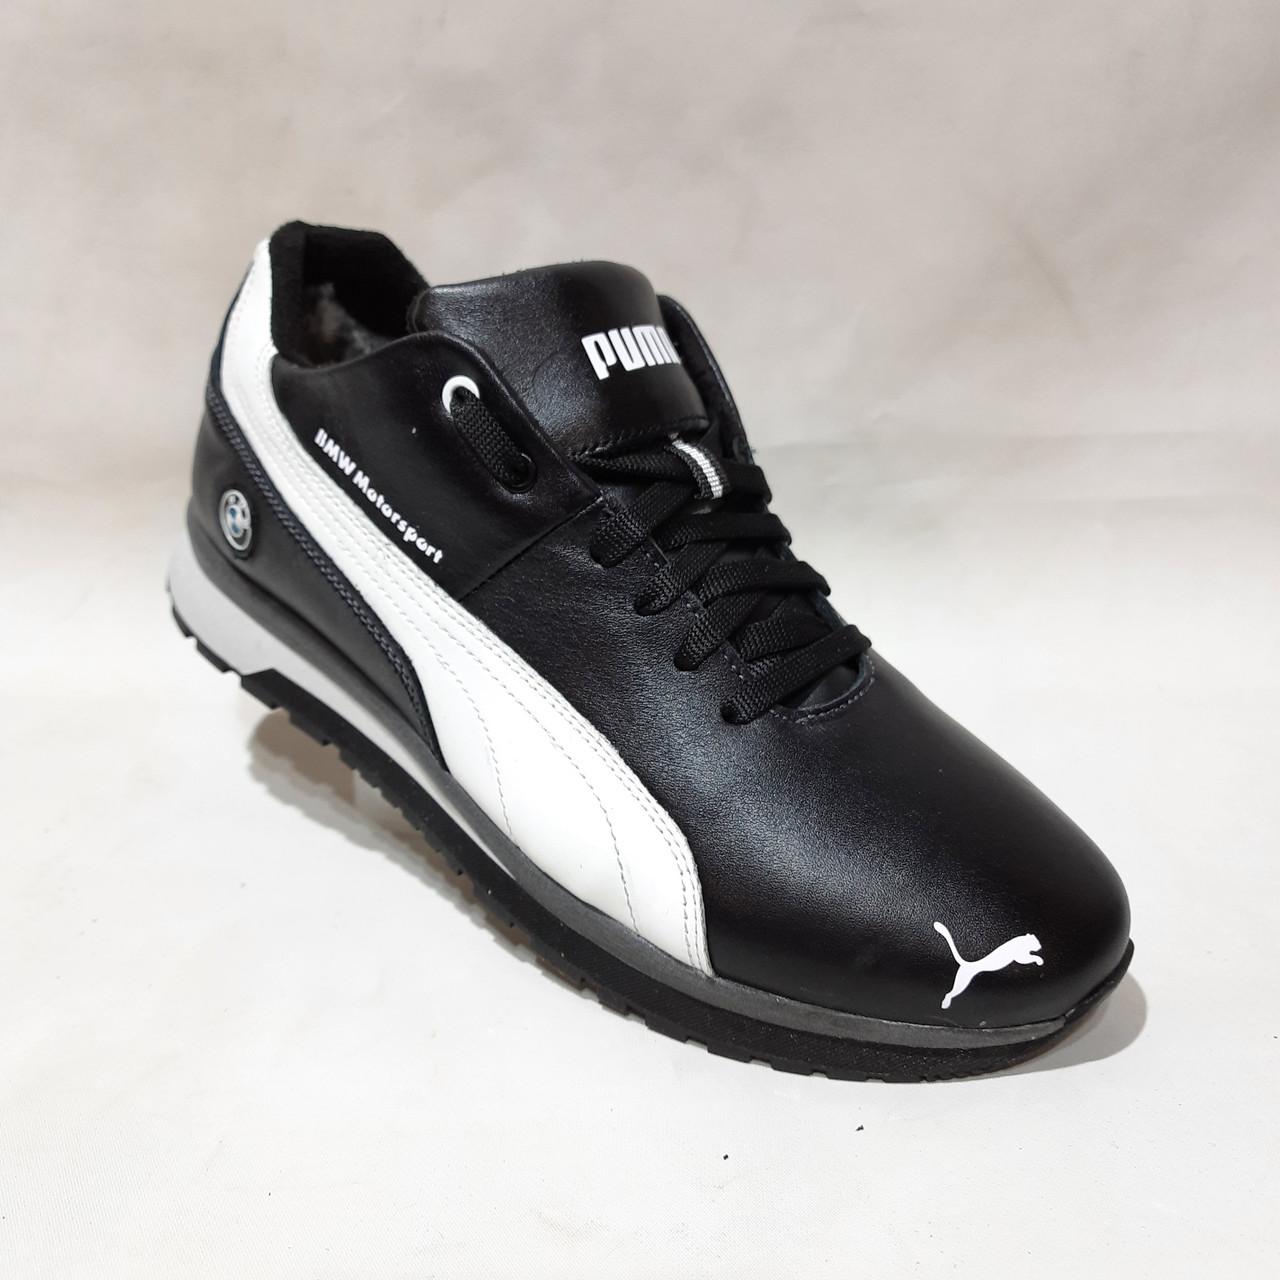 Мужские теплые кожаные спортивные ботинки зимние кроссовки на меху Черные с белыми вставками